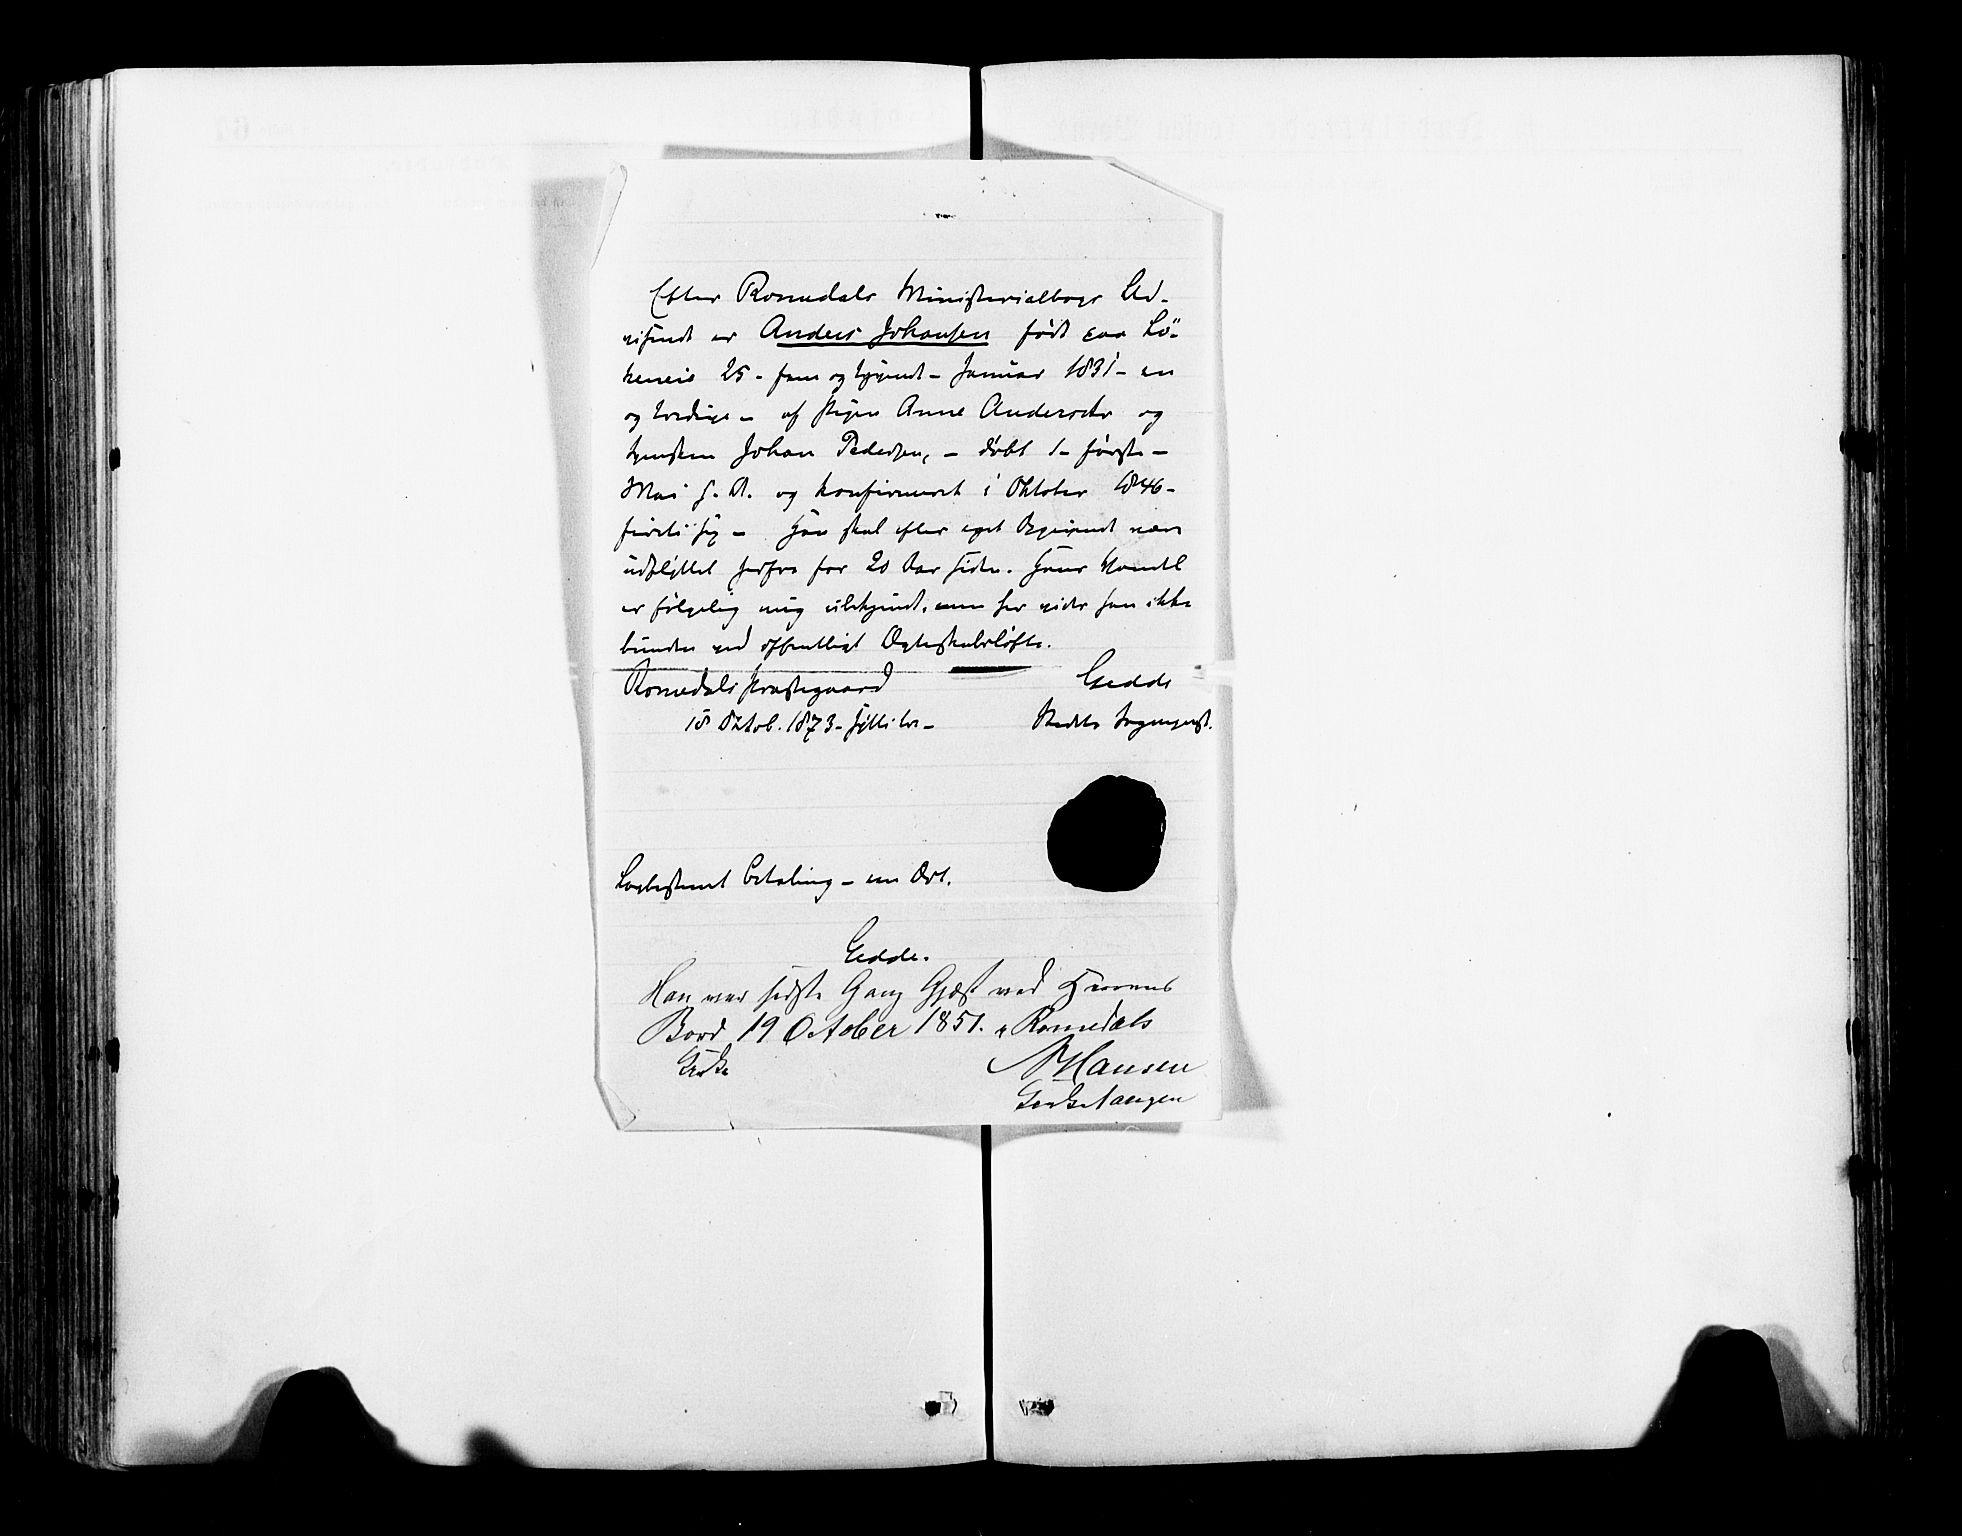 SAT, Ministerialprotokoller, klokkerbøker og fødselsregistre - Nord-Trøndelag, 735/L0348: Ministerialbok nr. 735A09 /1, 1873-1883